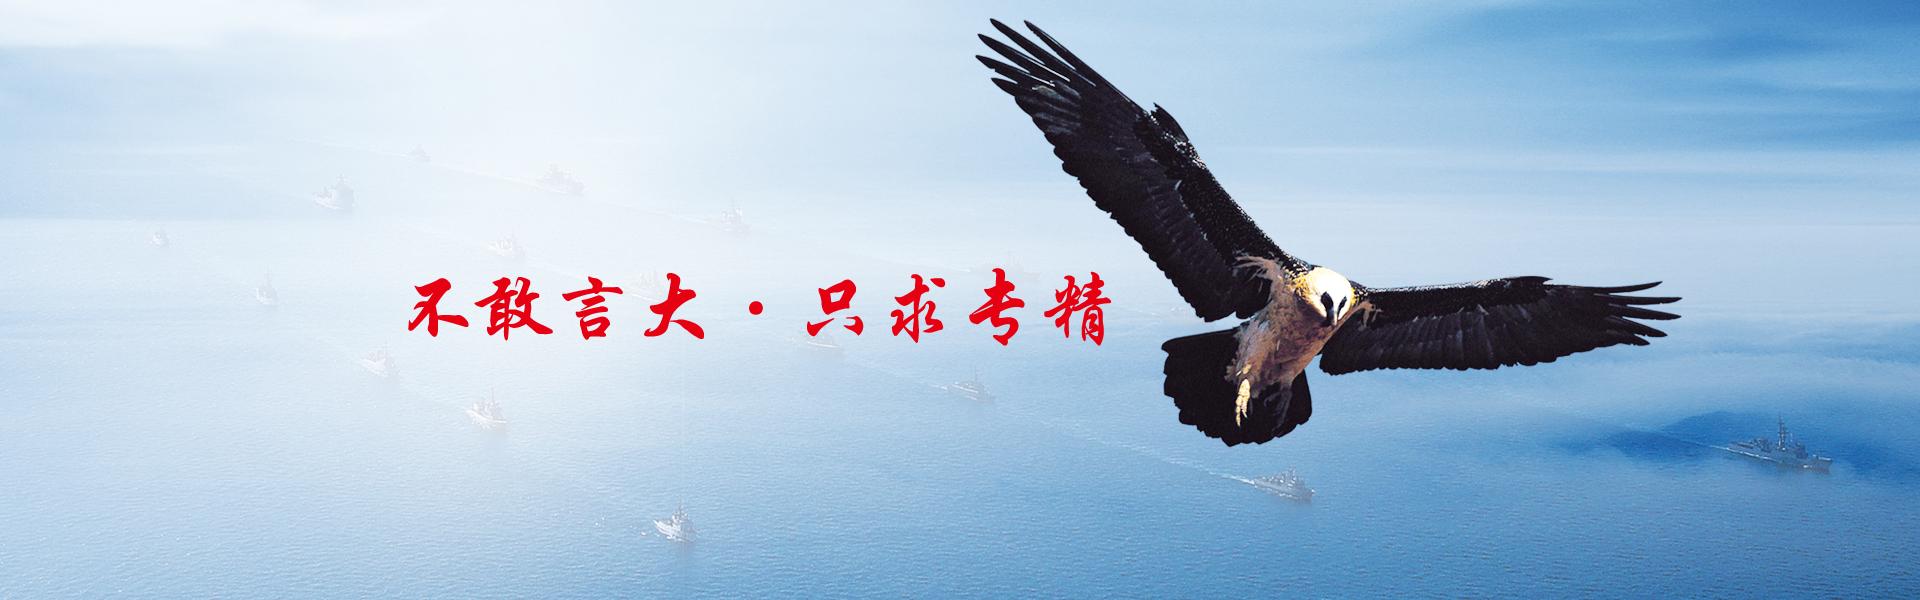 肇慶龍頭電器科技股份有限公司創建于1991年1月,公司位于廣東省肇慶市端州區信安大道沙湖工業區,廠房面積約2萬平方米,年生產電機1500萬臺。